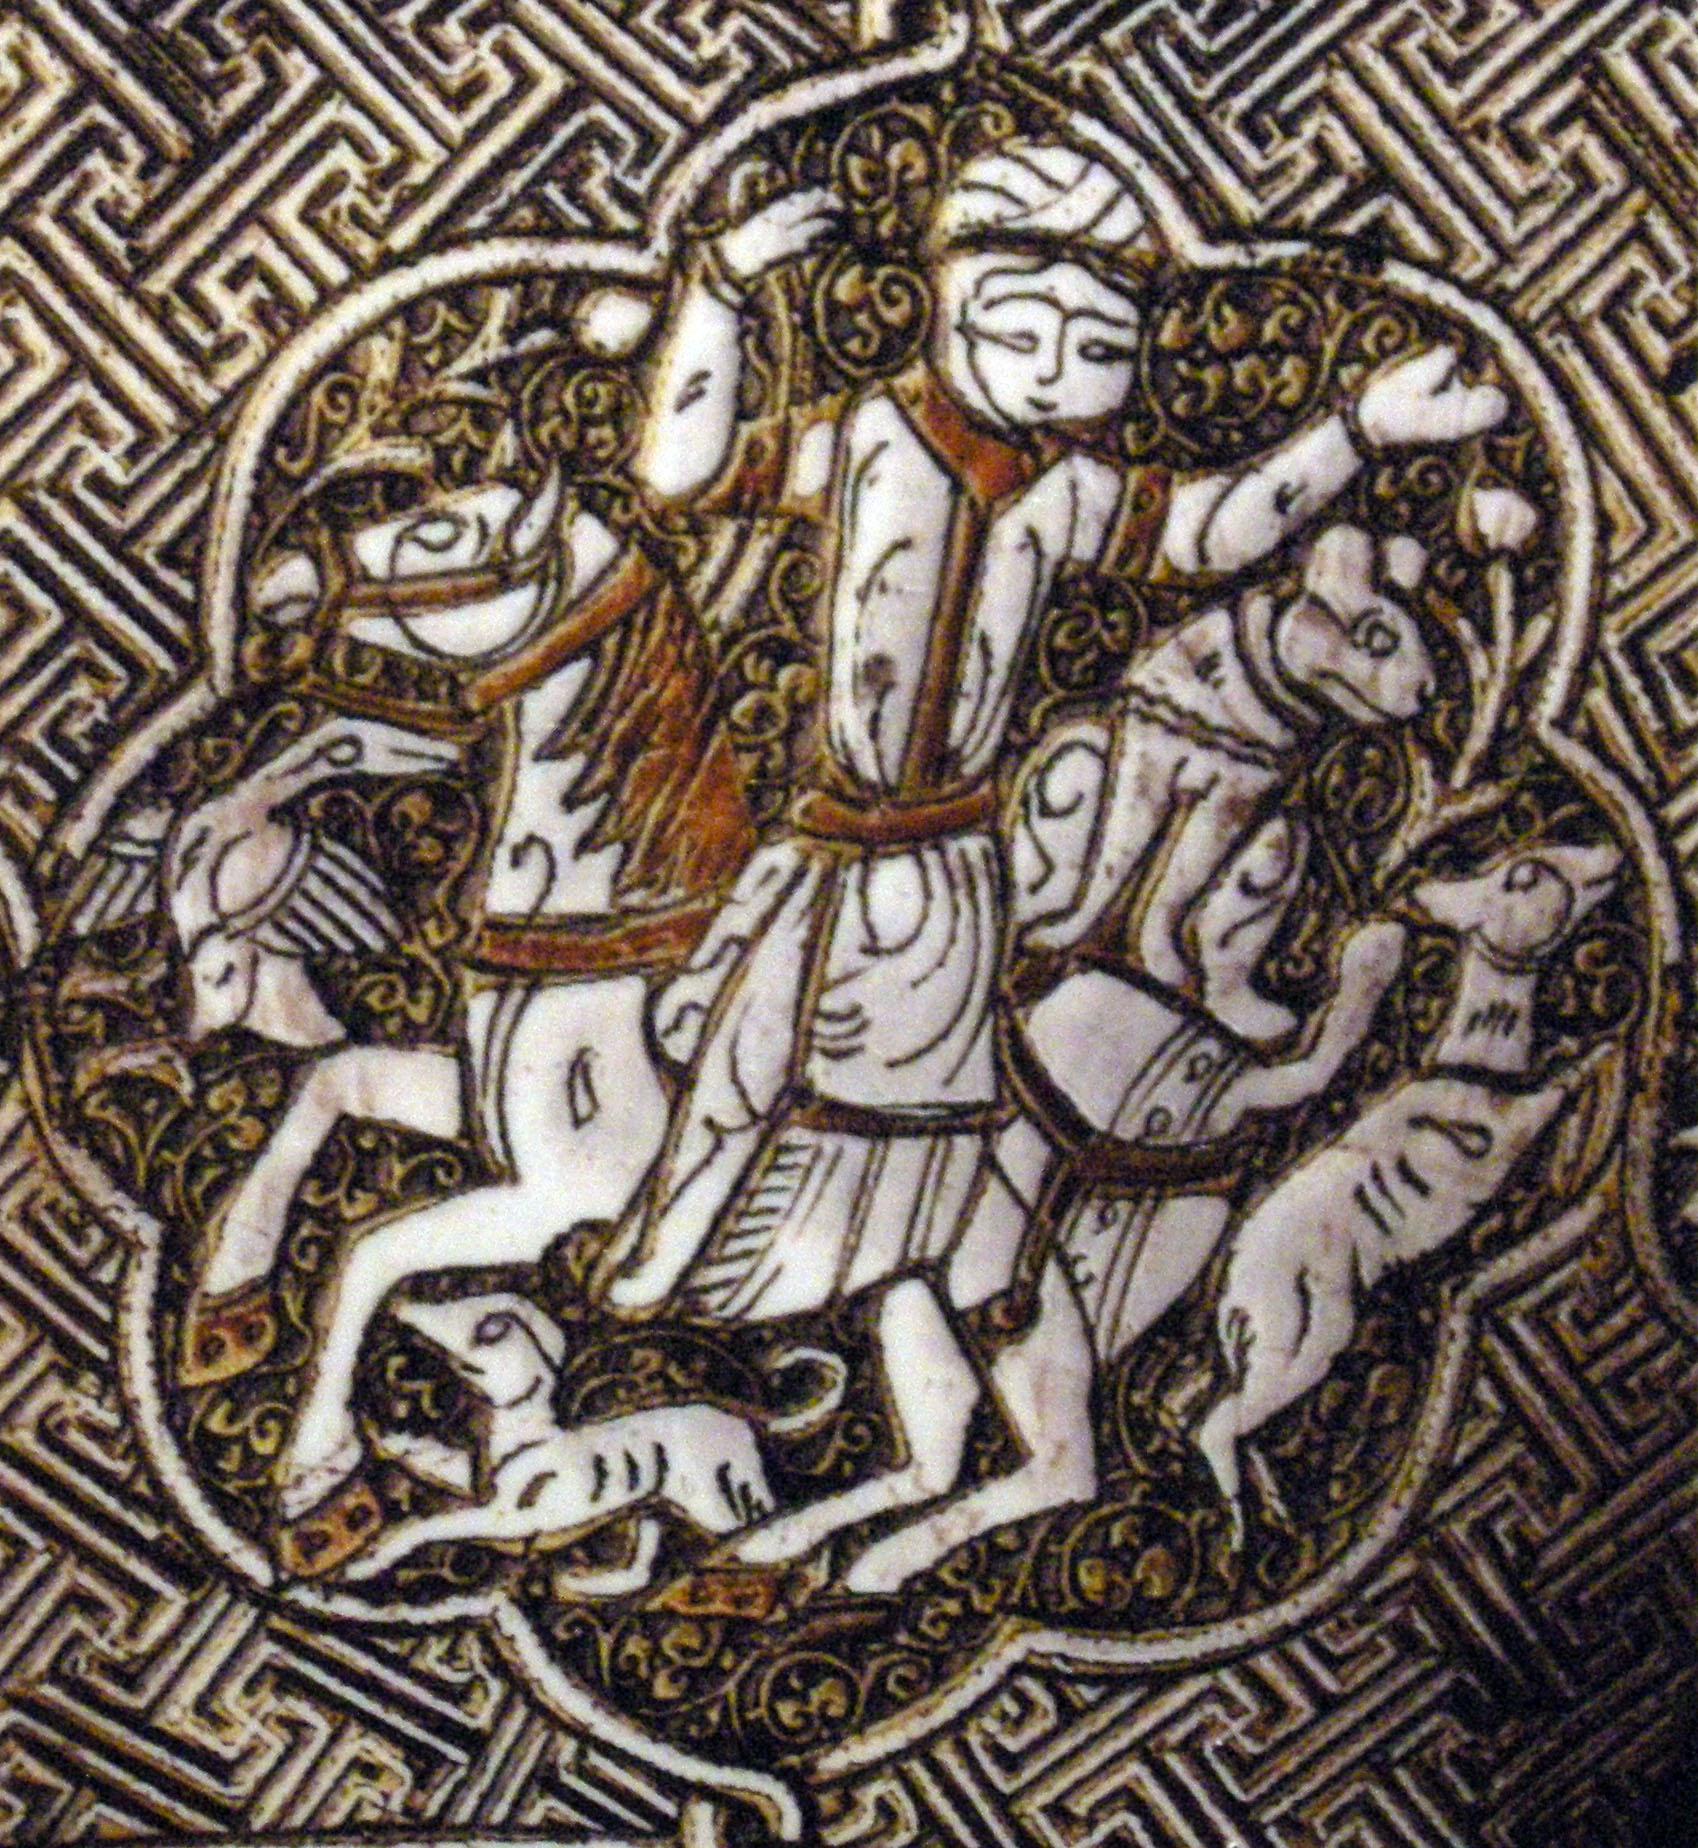 Chasse à cheval, avec guépard assis à l'arrière du cheval. Aiguière Blacas, vers 1232, Irak, Mossoul. British Museum, ME OA 1866.12-29.61rak-mosoul-Blacas-aiguiere-british-museum